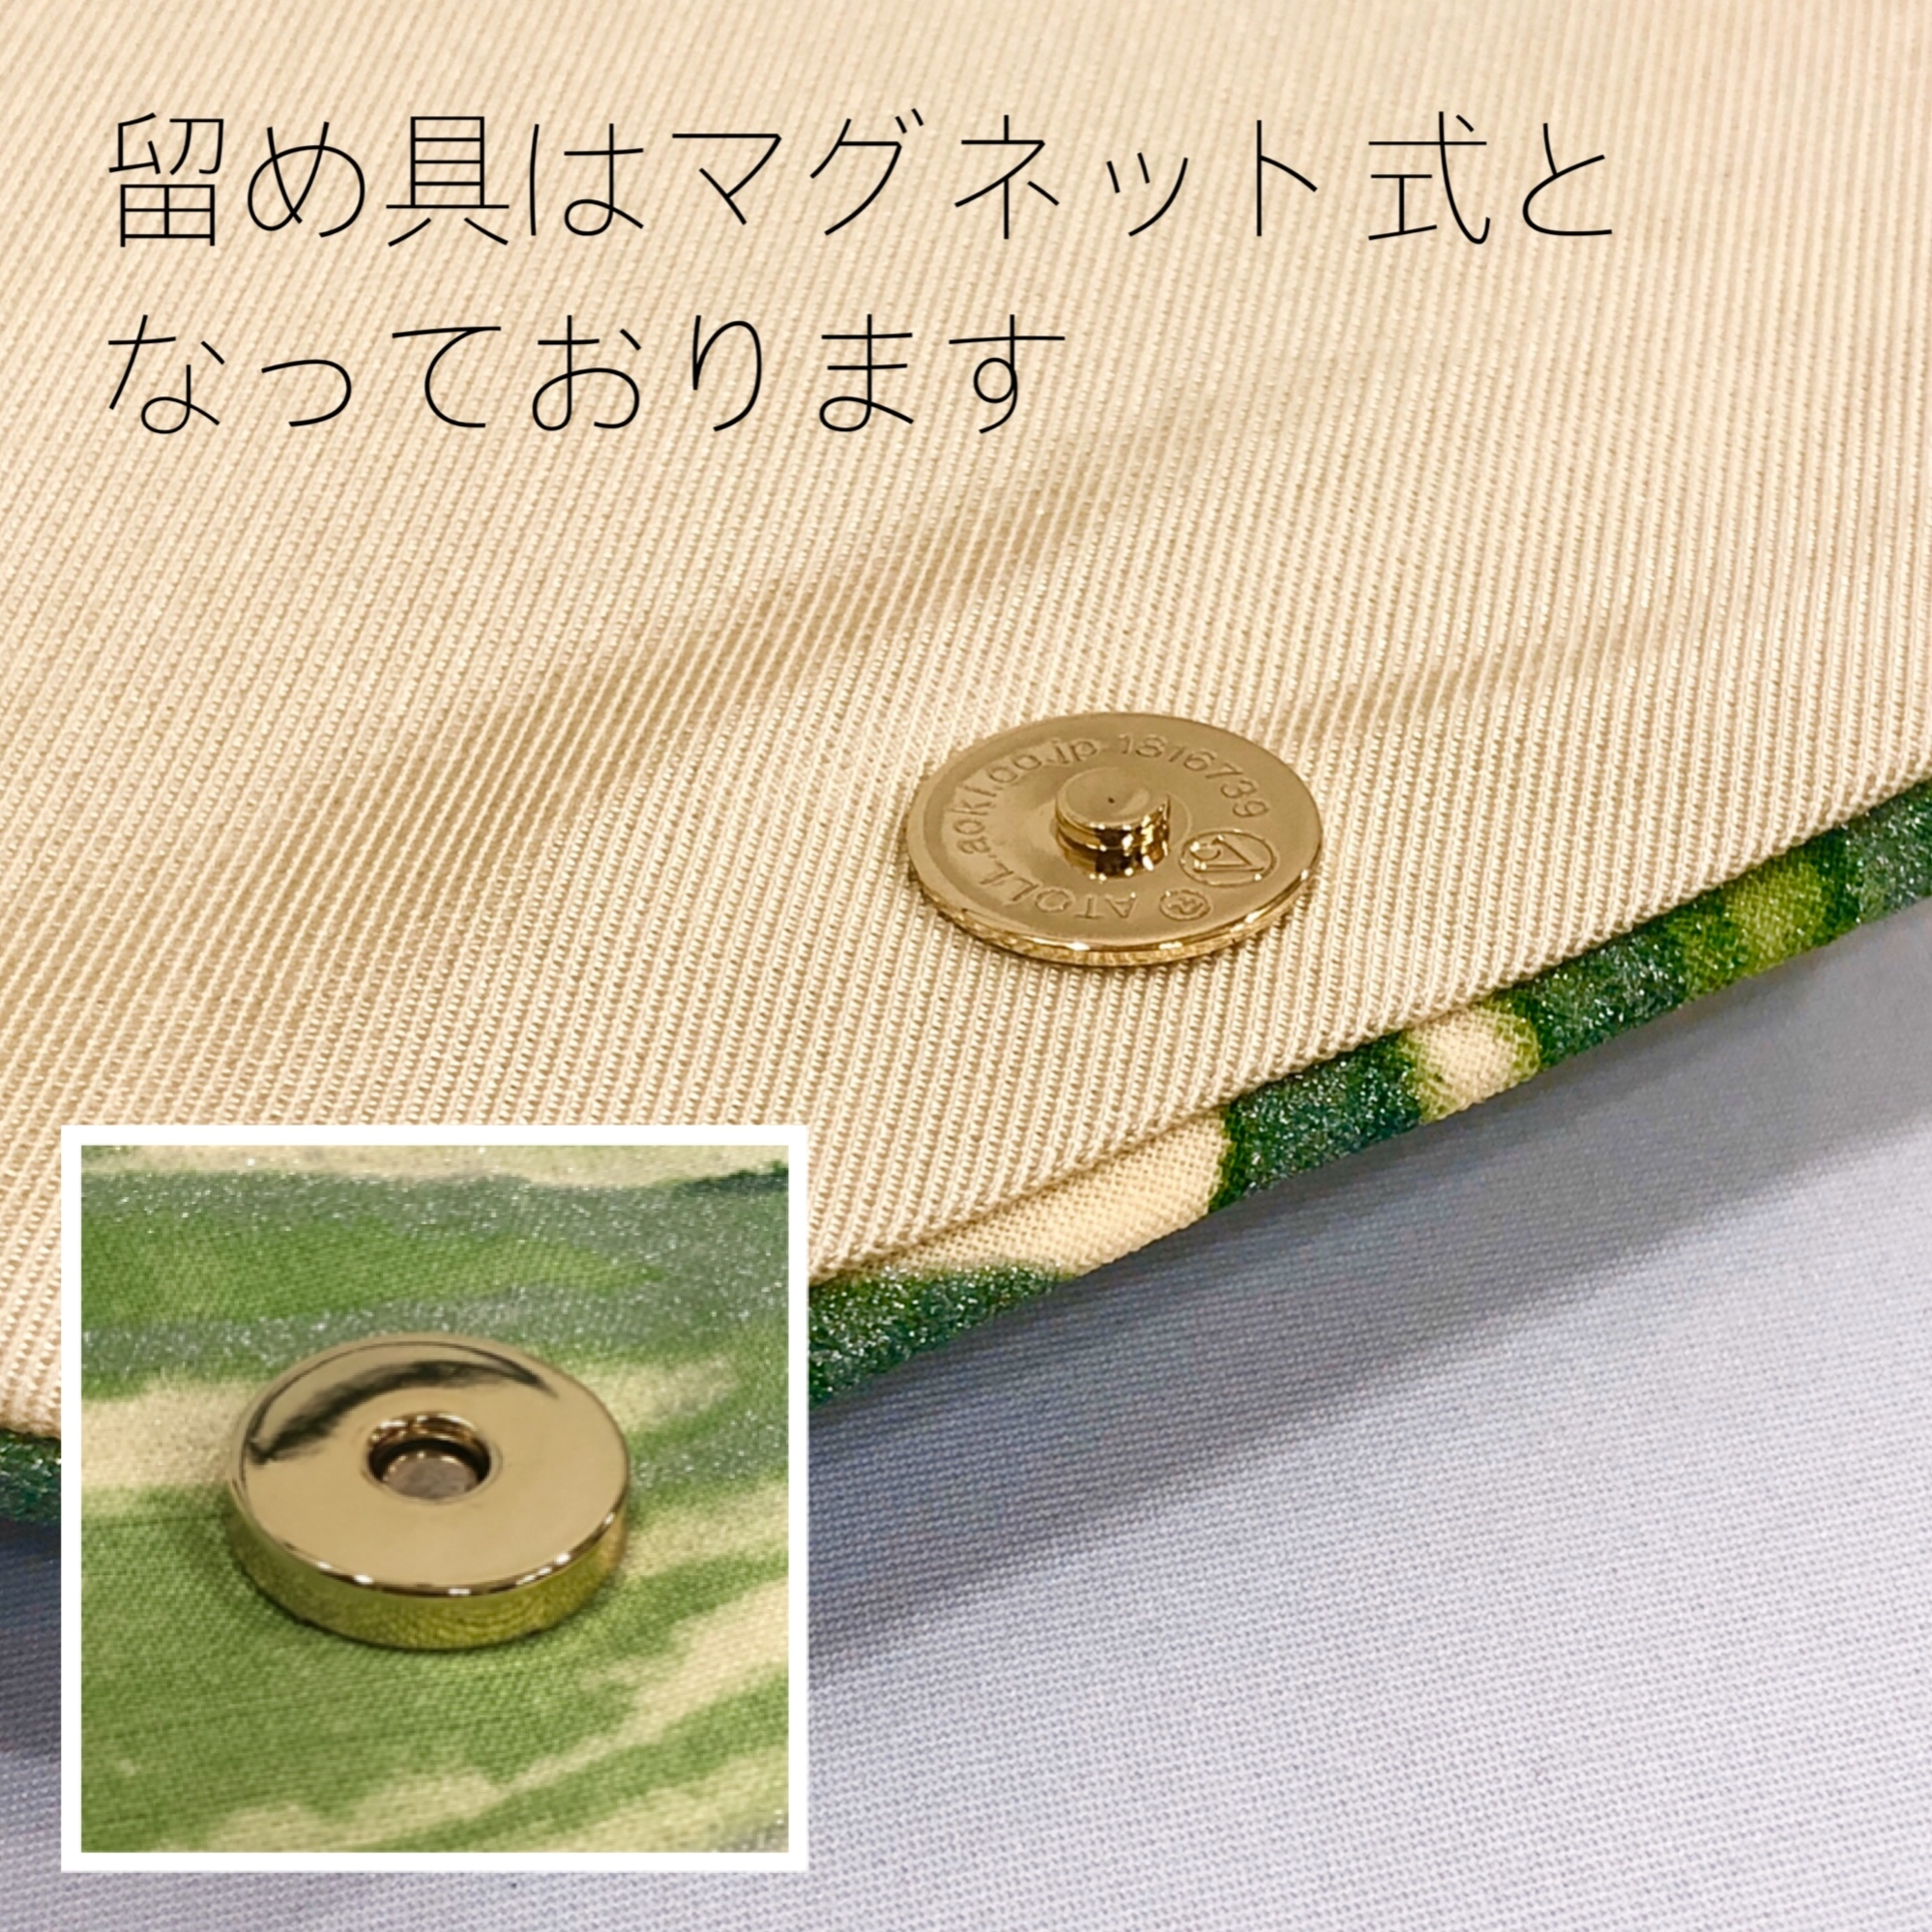 【限定品】数寄屋袋(西陣織・牡丹唐草柄/No.1)